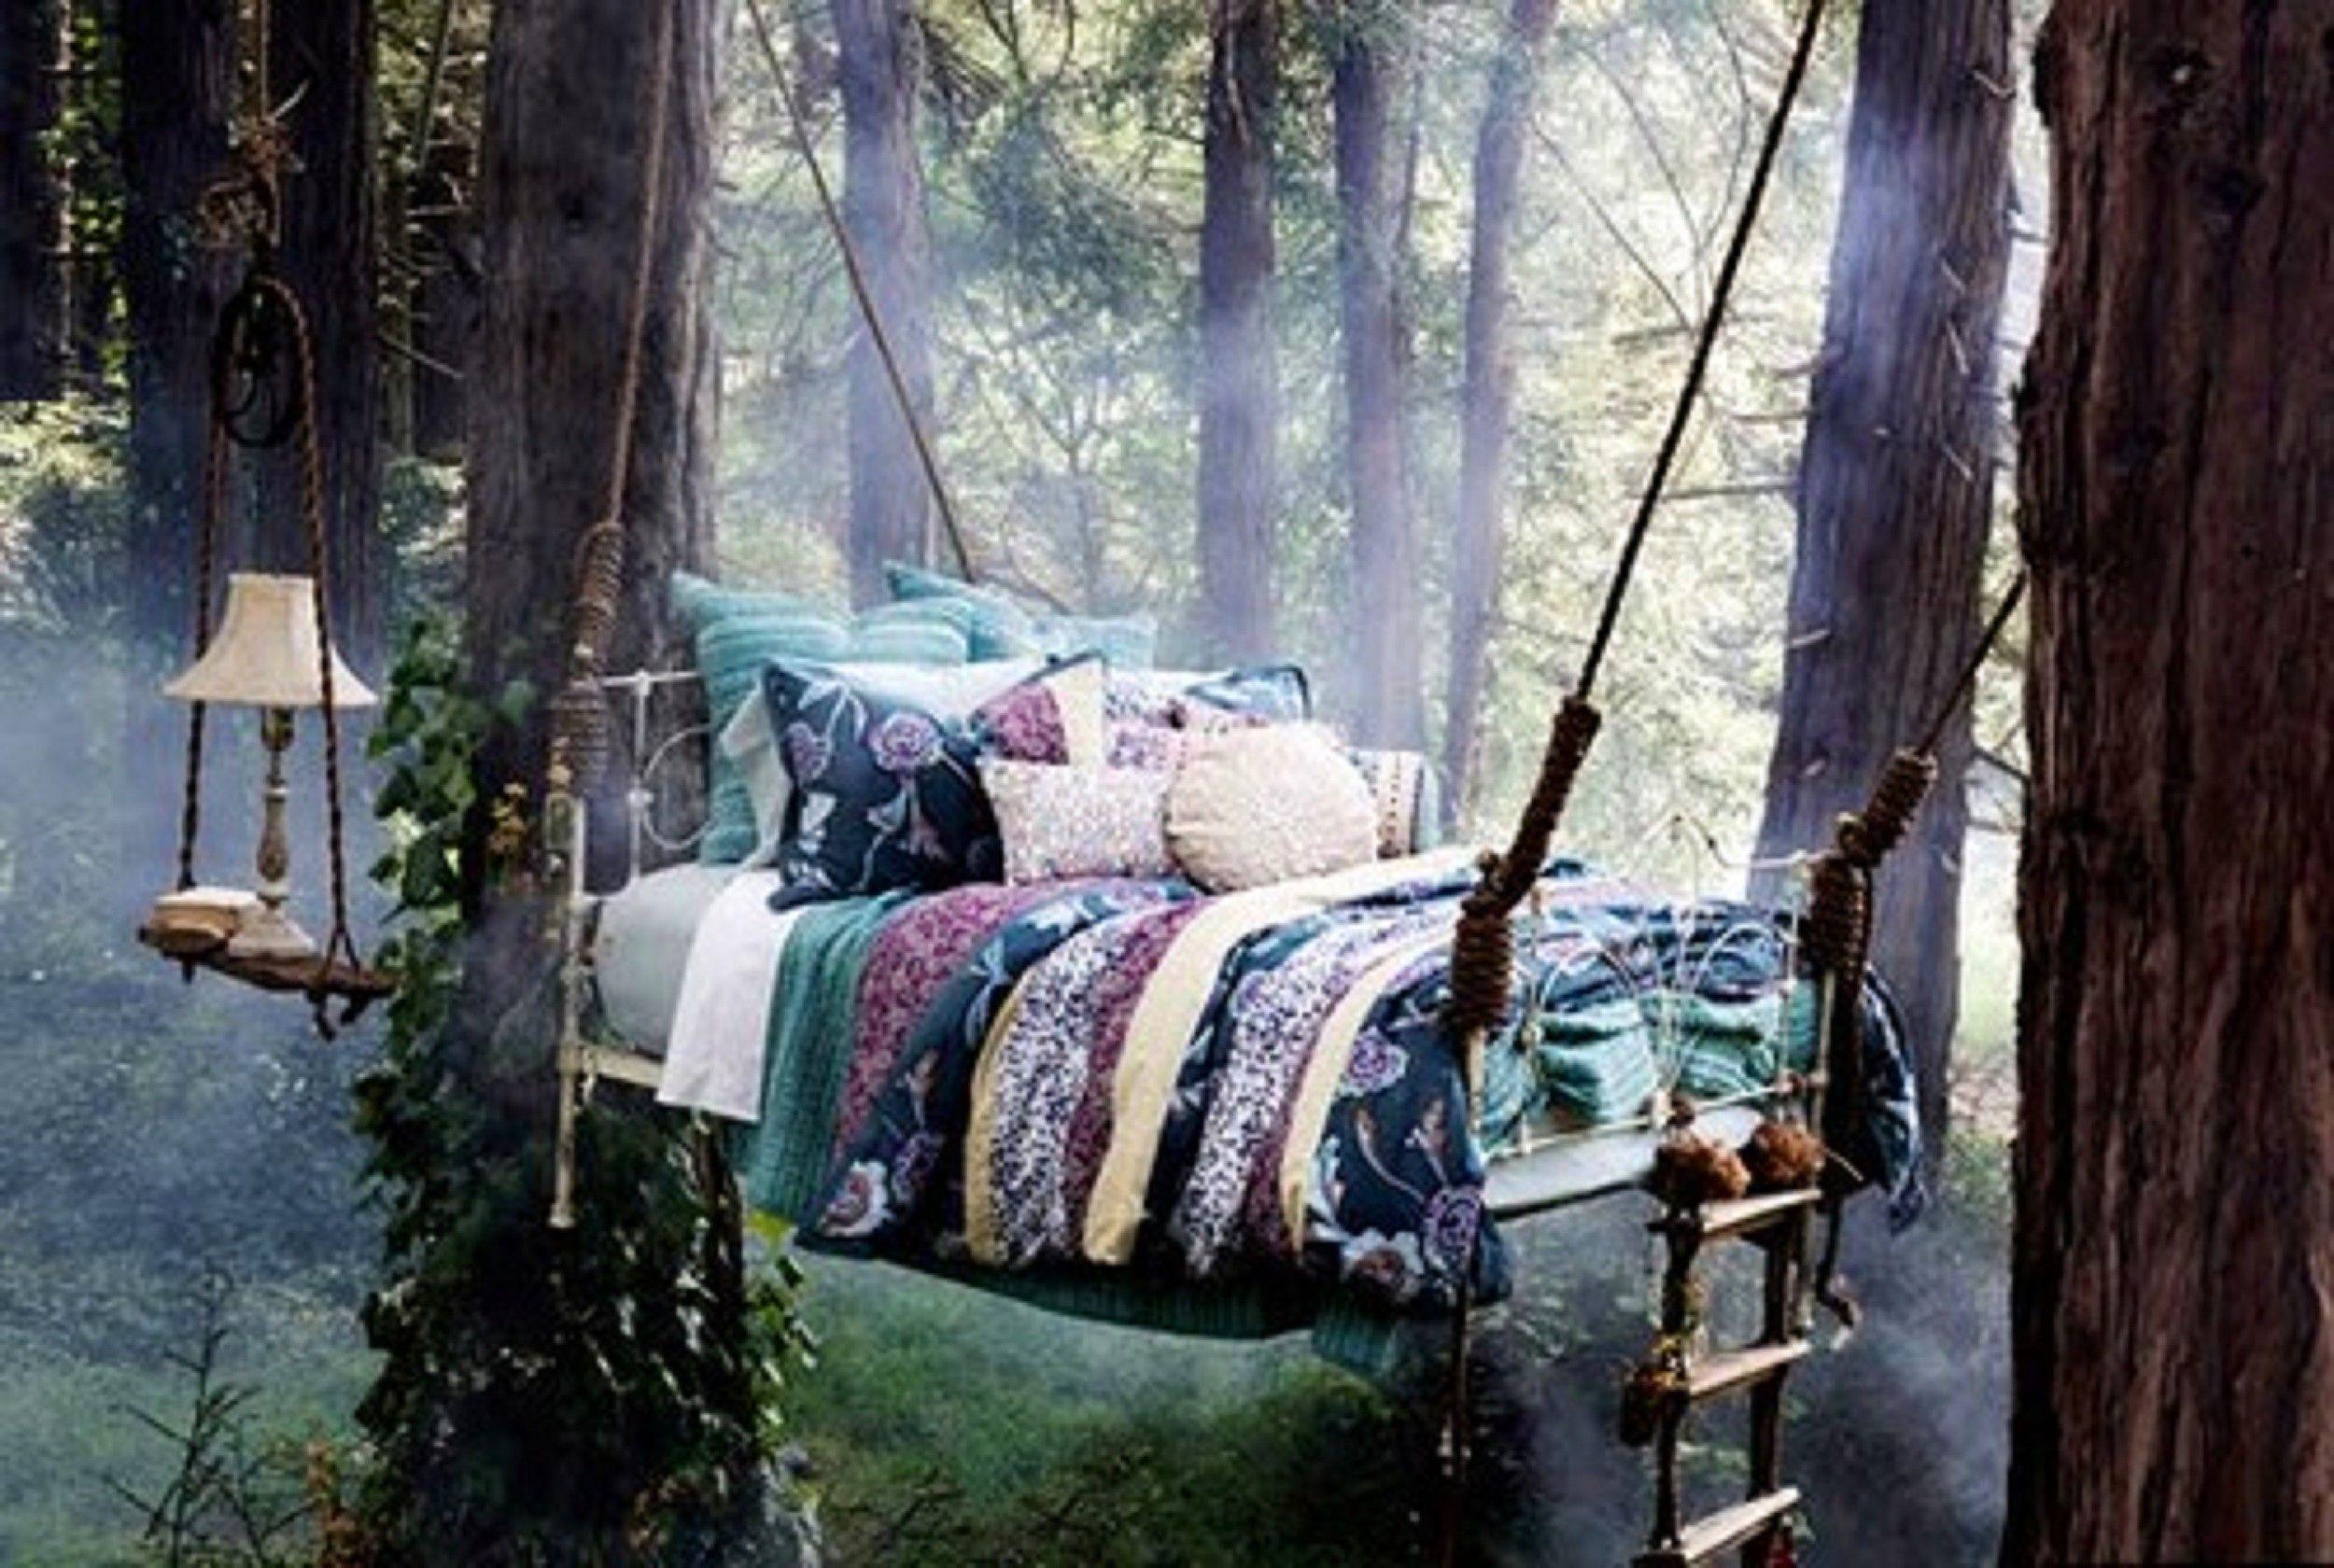 картинка кровать в лесу модель относится